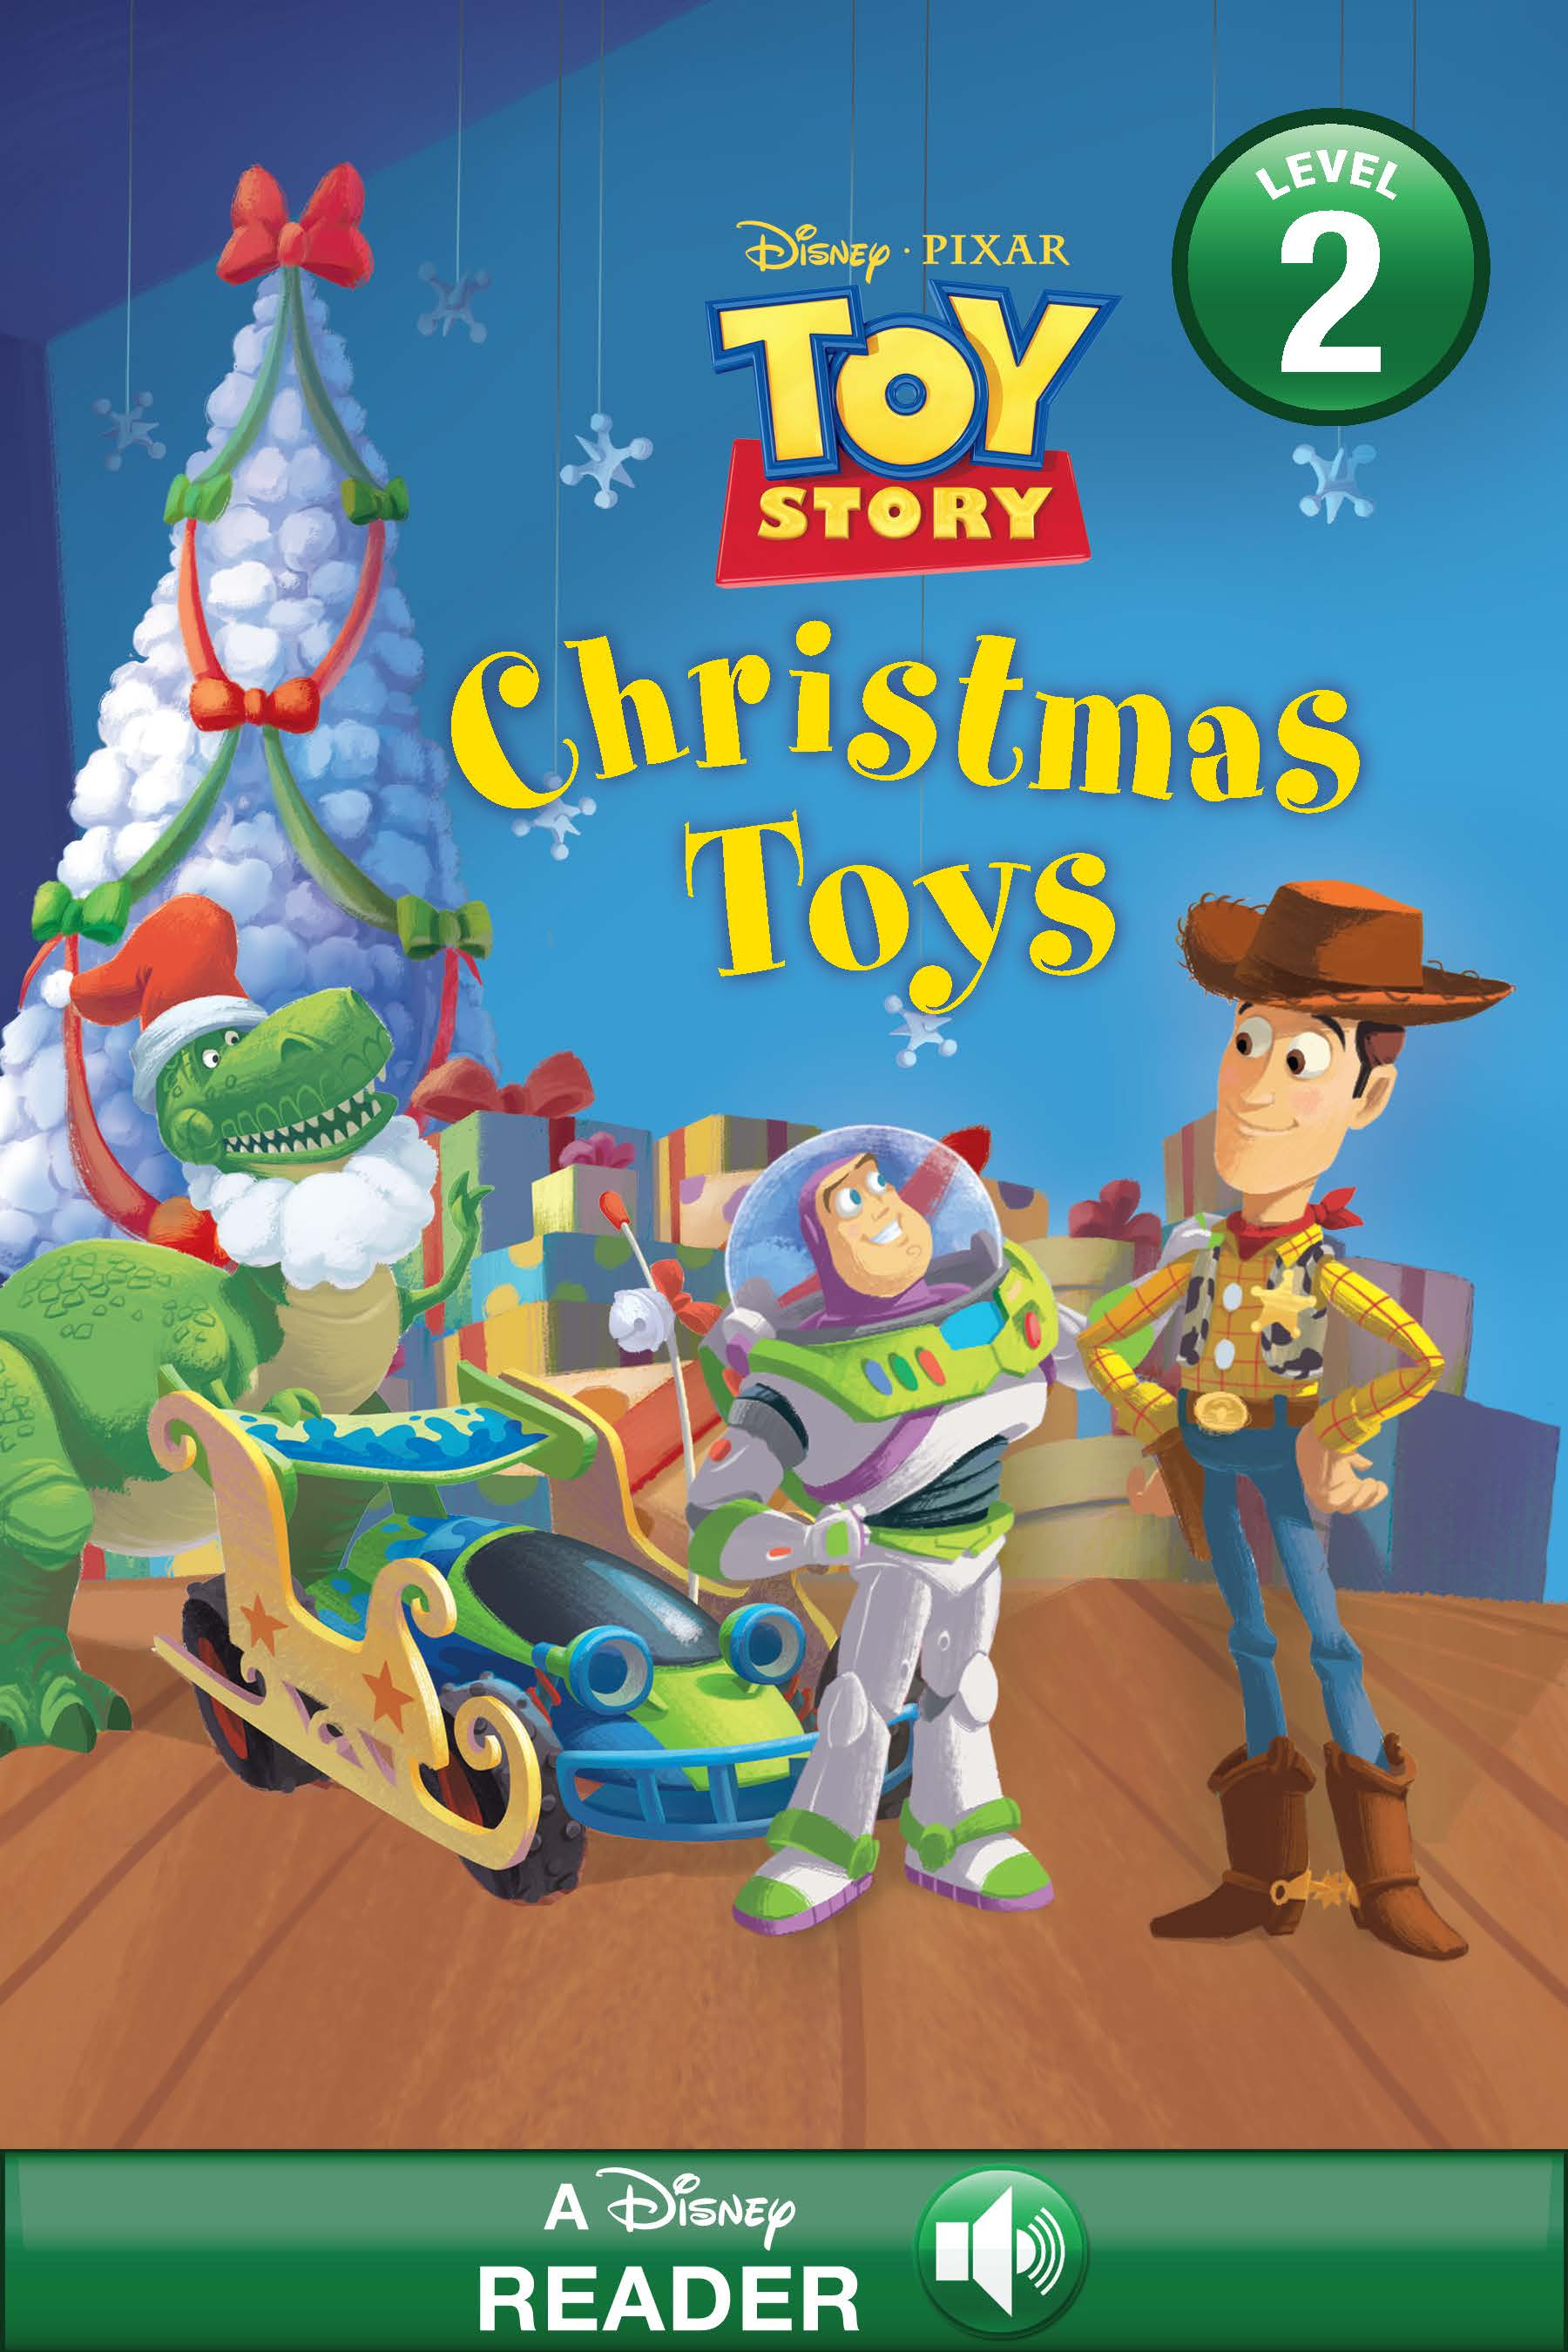 Christmas Toys Disney : Disney pixar toy story christmas toys books